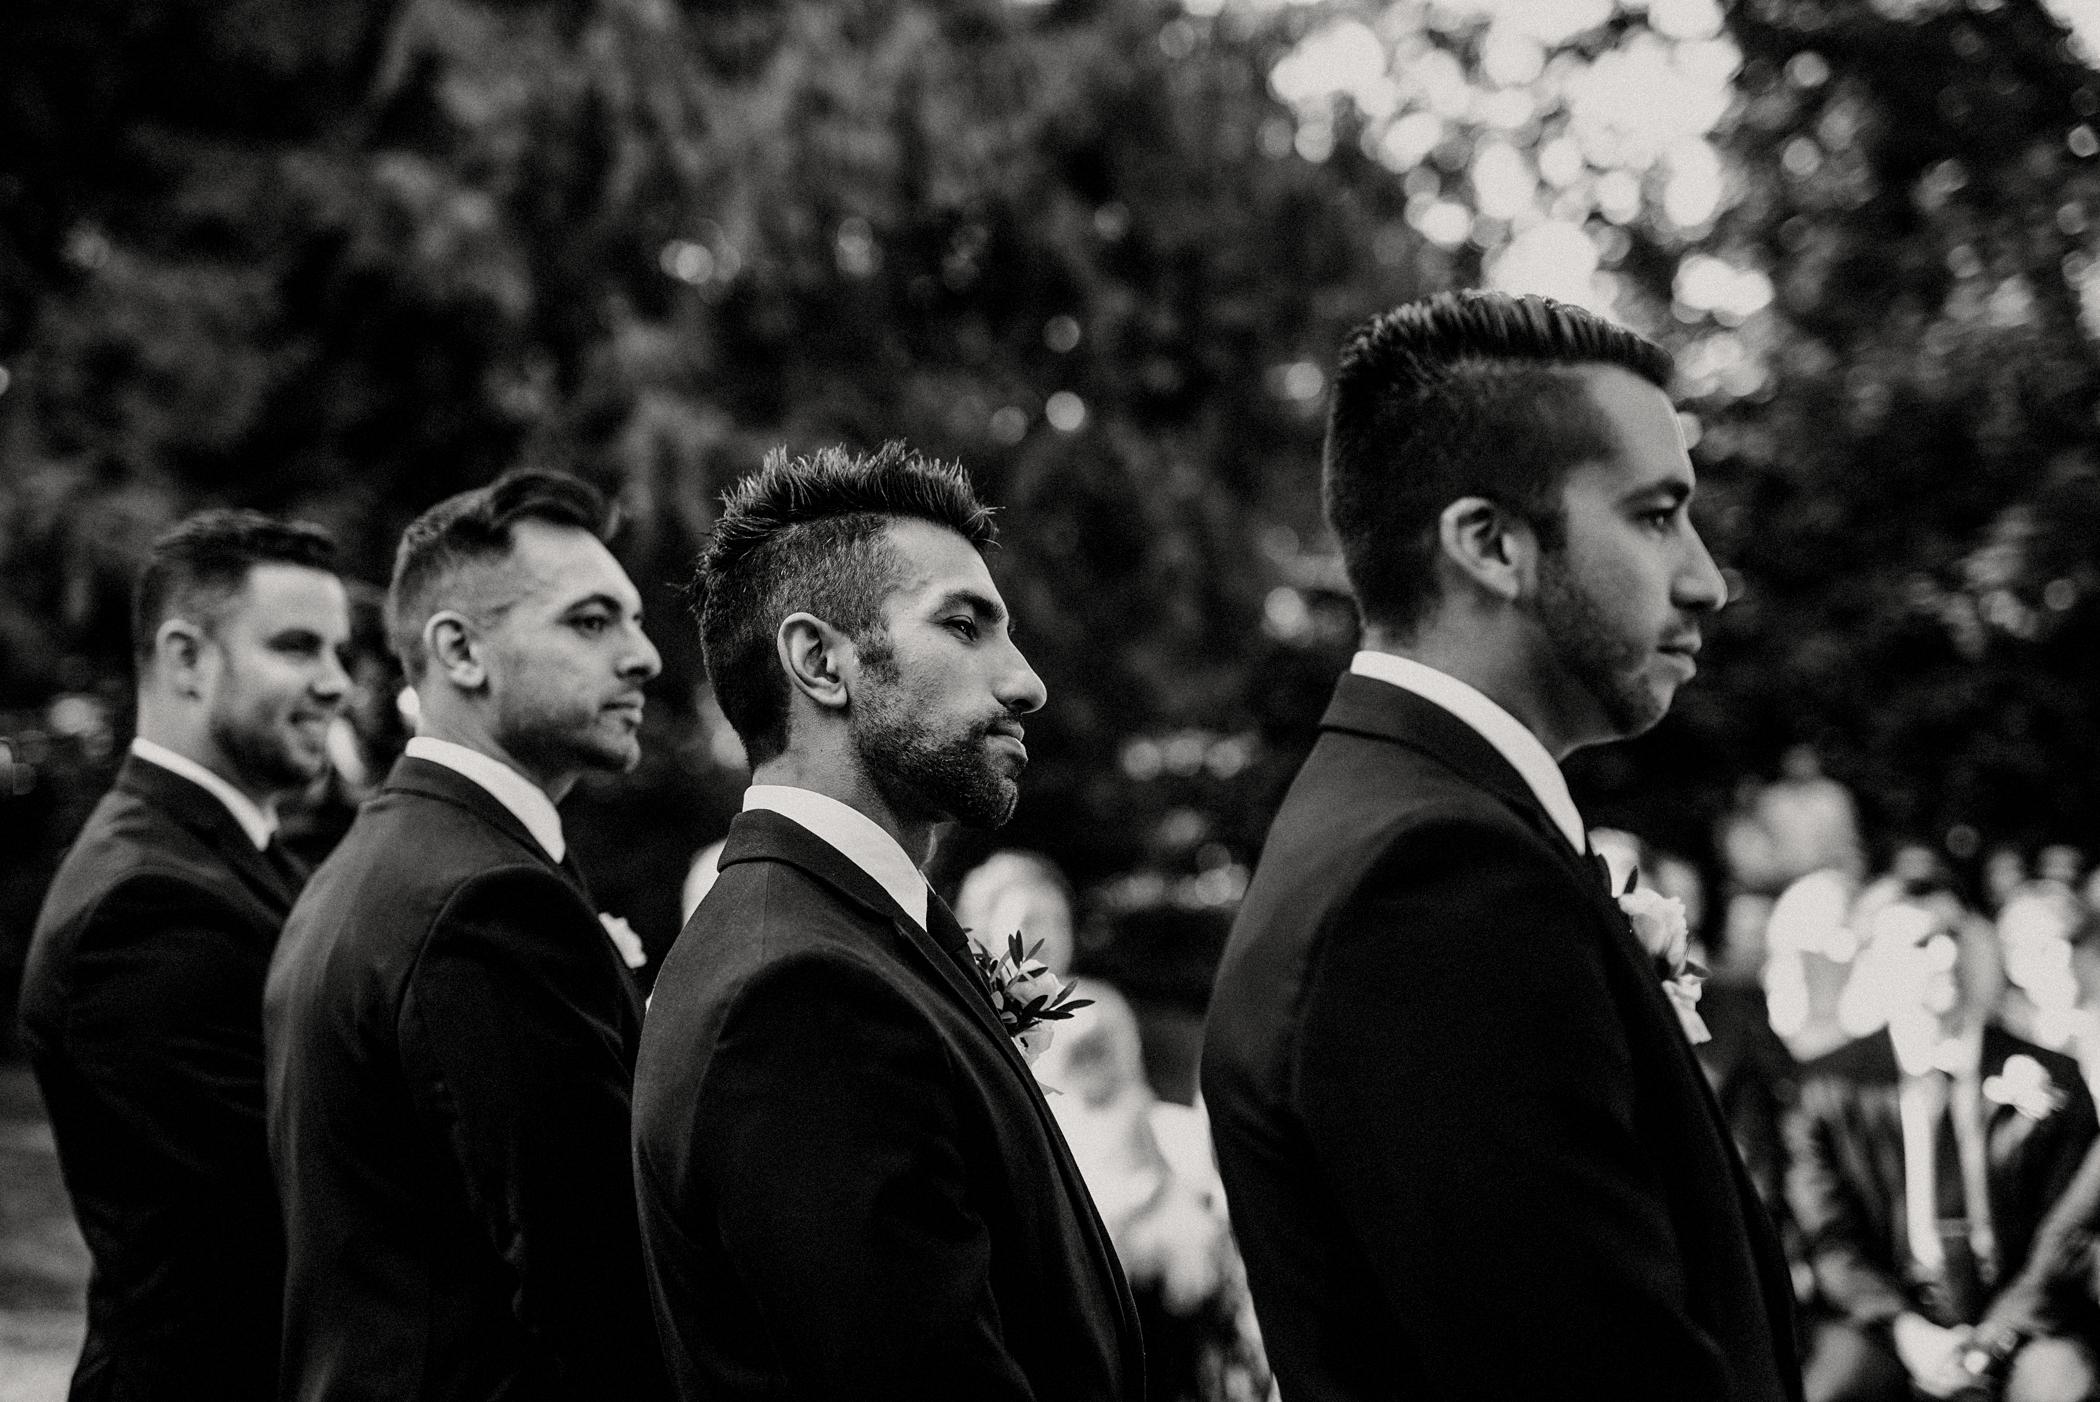 038-kaoverii-silva-KR-wedding-vancouver-photography-blog.png